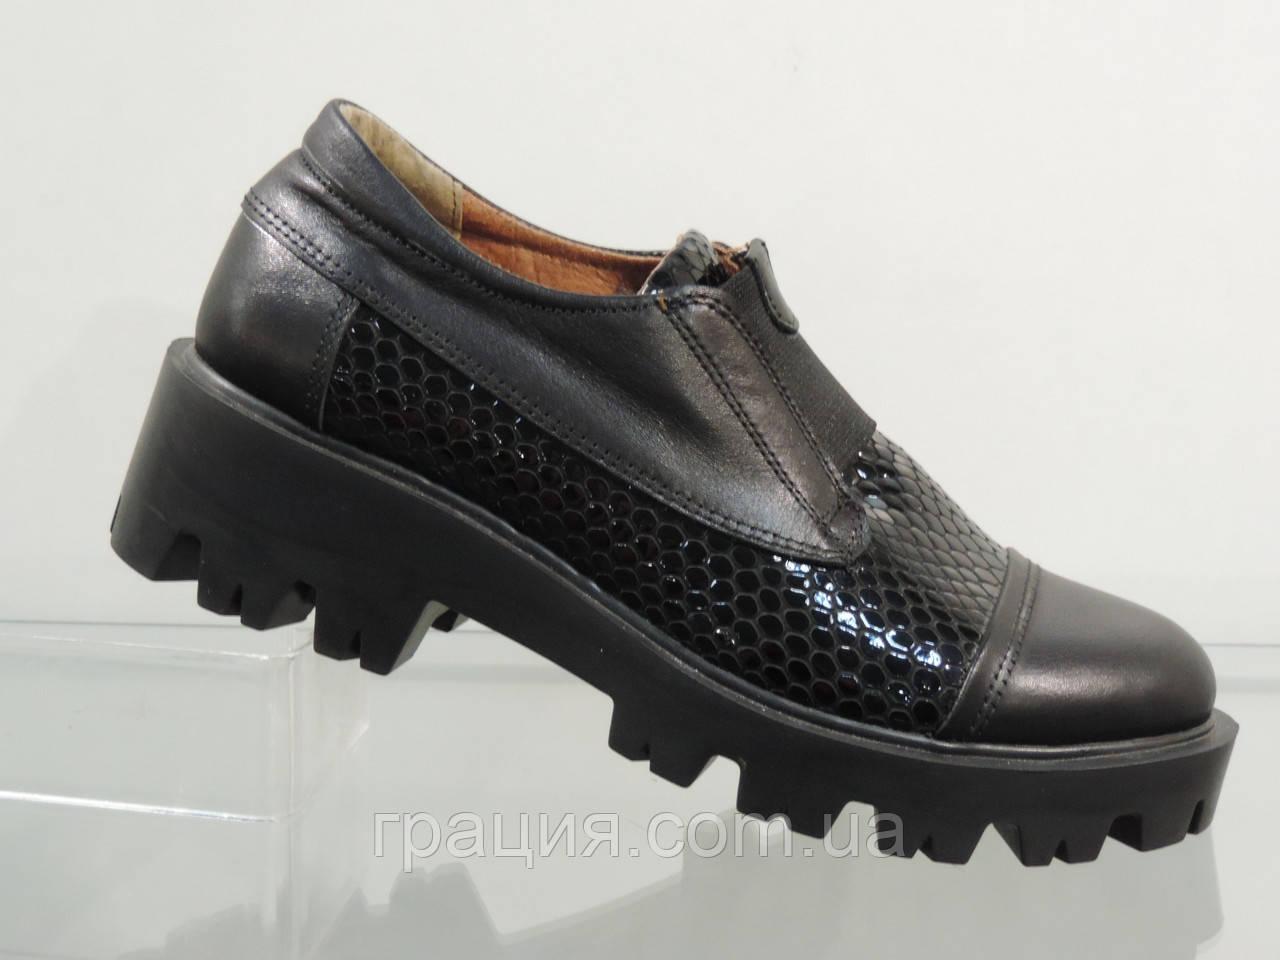 Жіночі модні туфлі на тракторній підошві